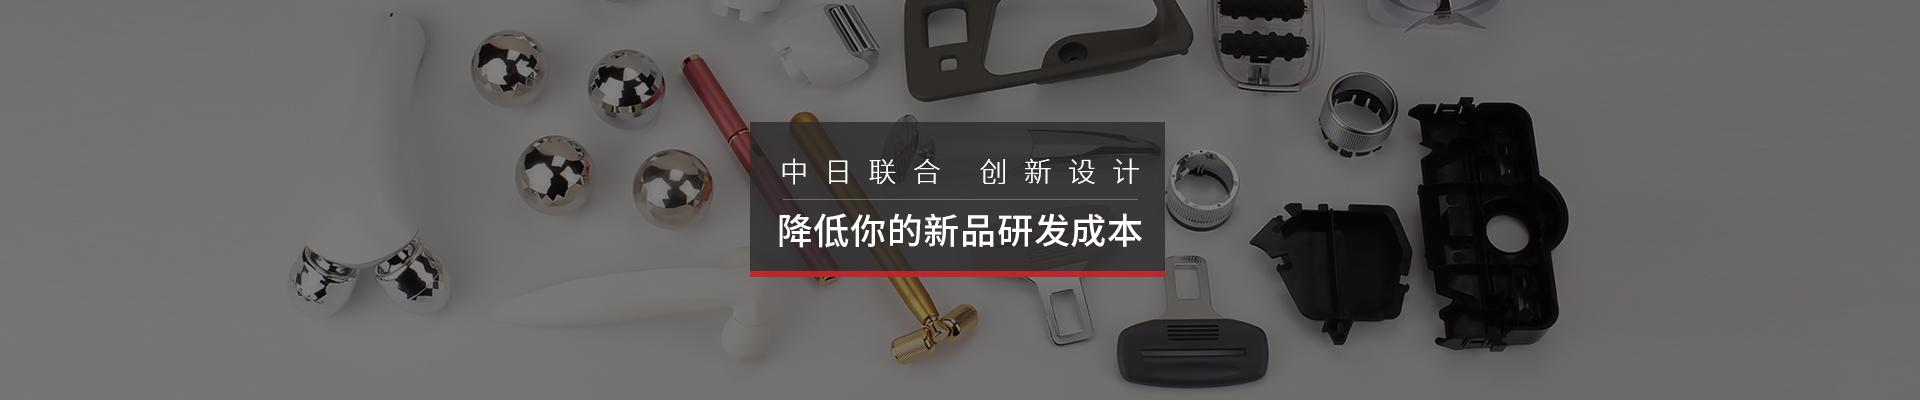 马驰科-中日联合 创新设计,降低你的新品研发成本